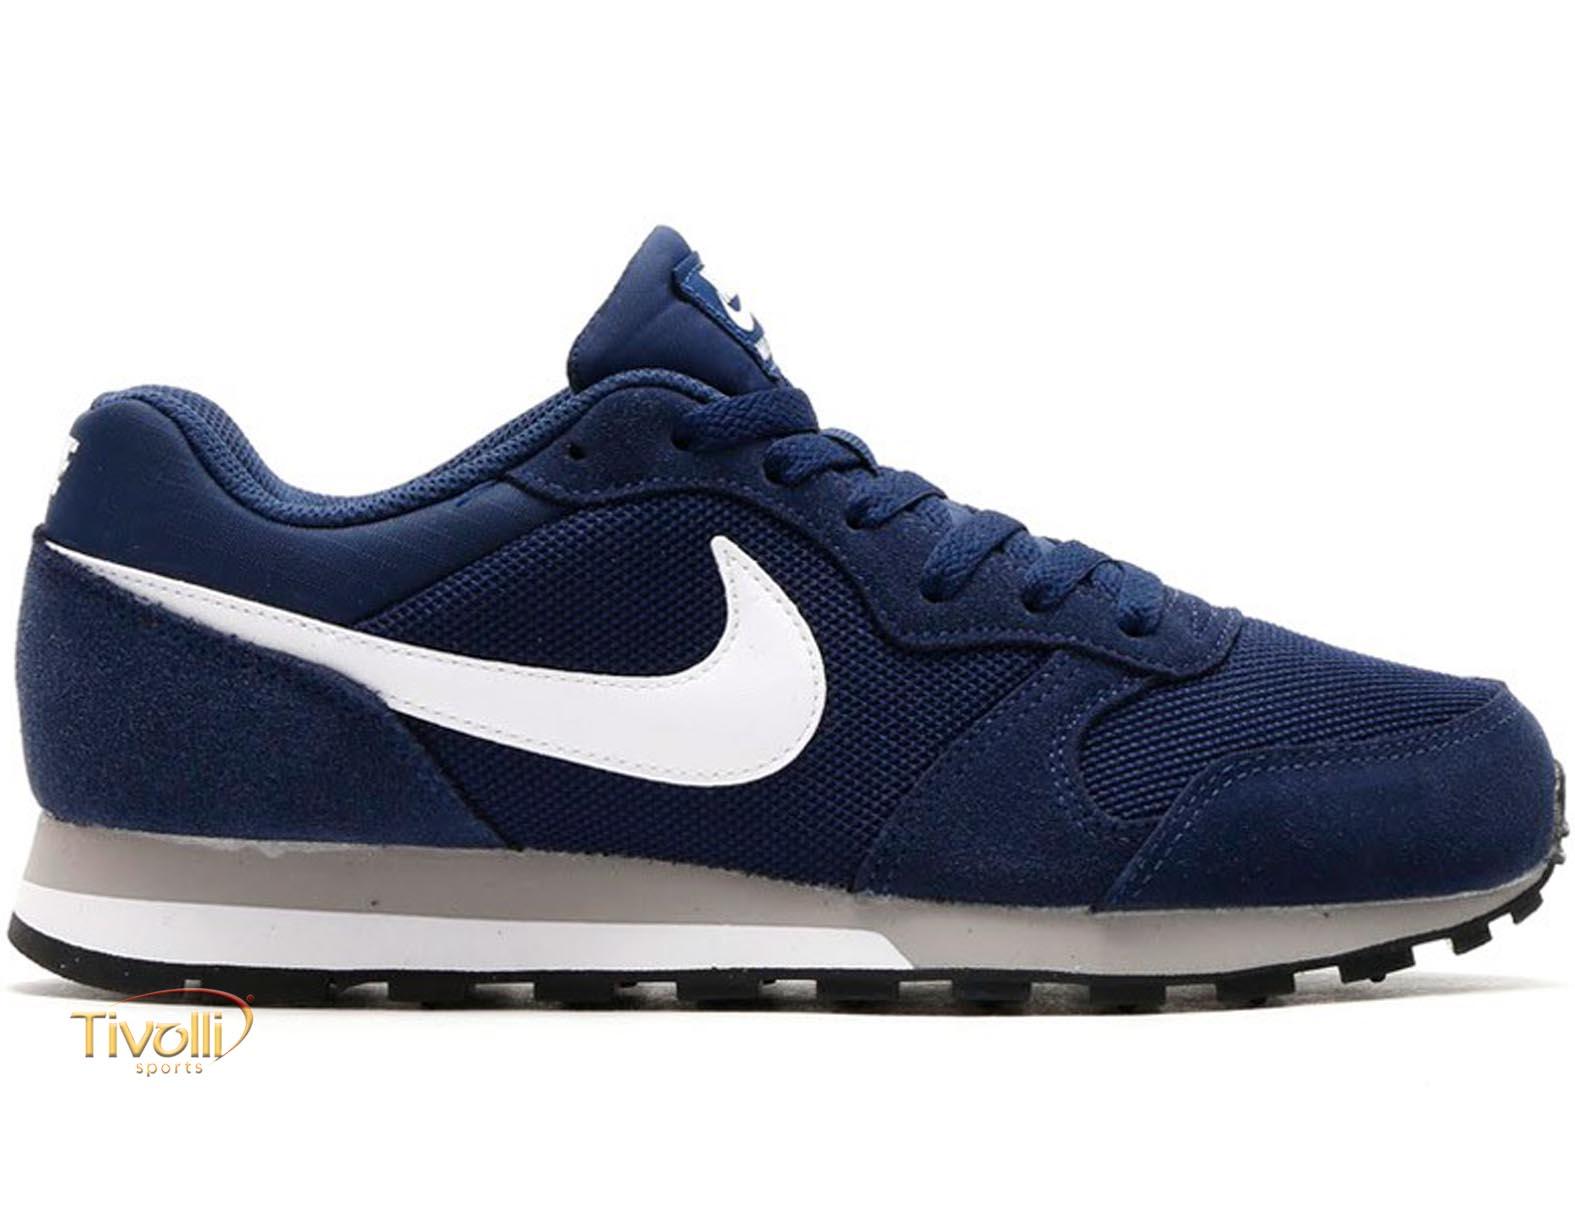 fd9d18865df Raquete Mania   Tênis Nike MD Runner 2   Azul Marinho e Branco